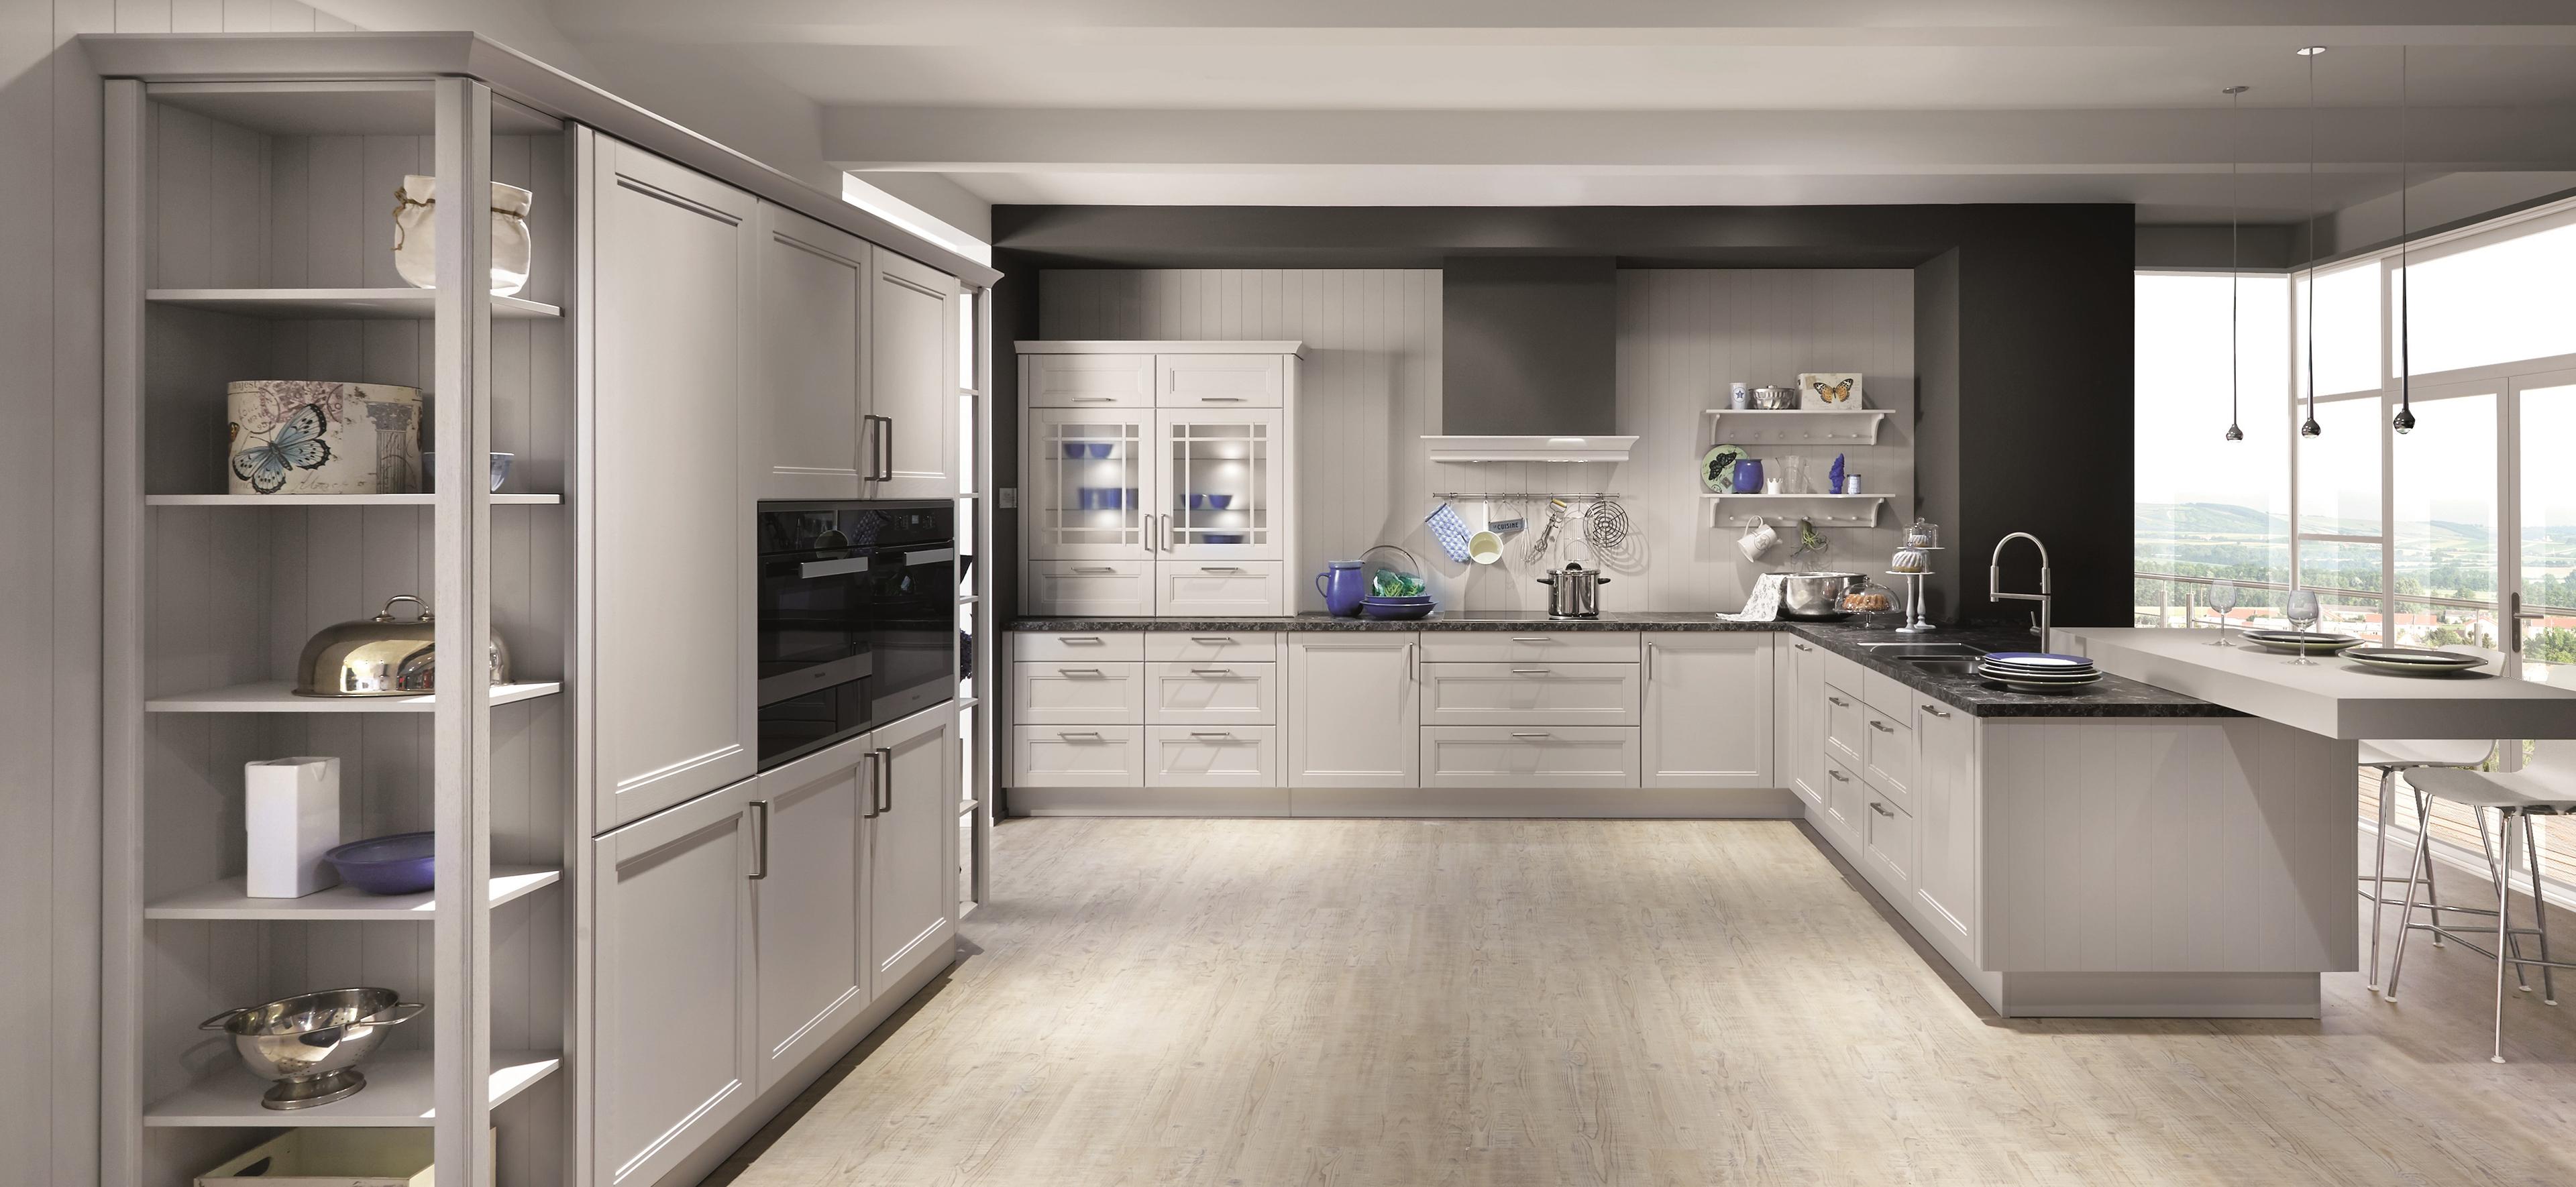 U-Küche mit Rahmenfronten und Kranzleistenprofilen